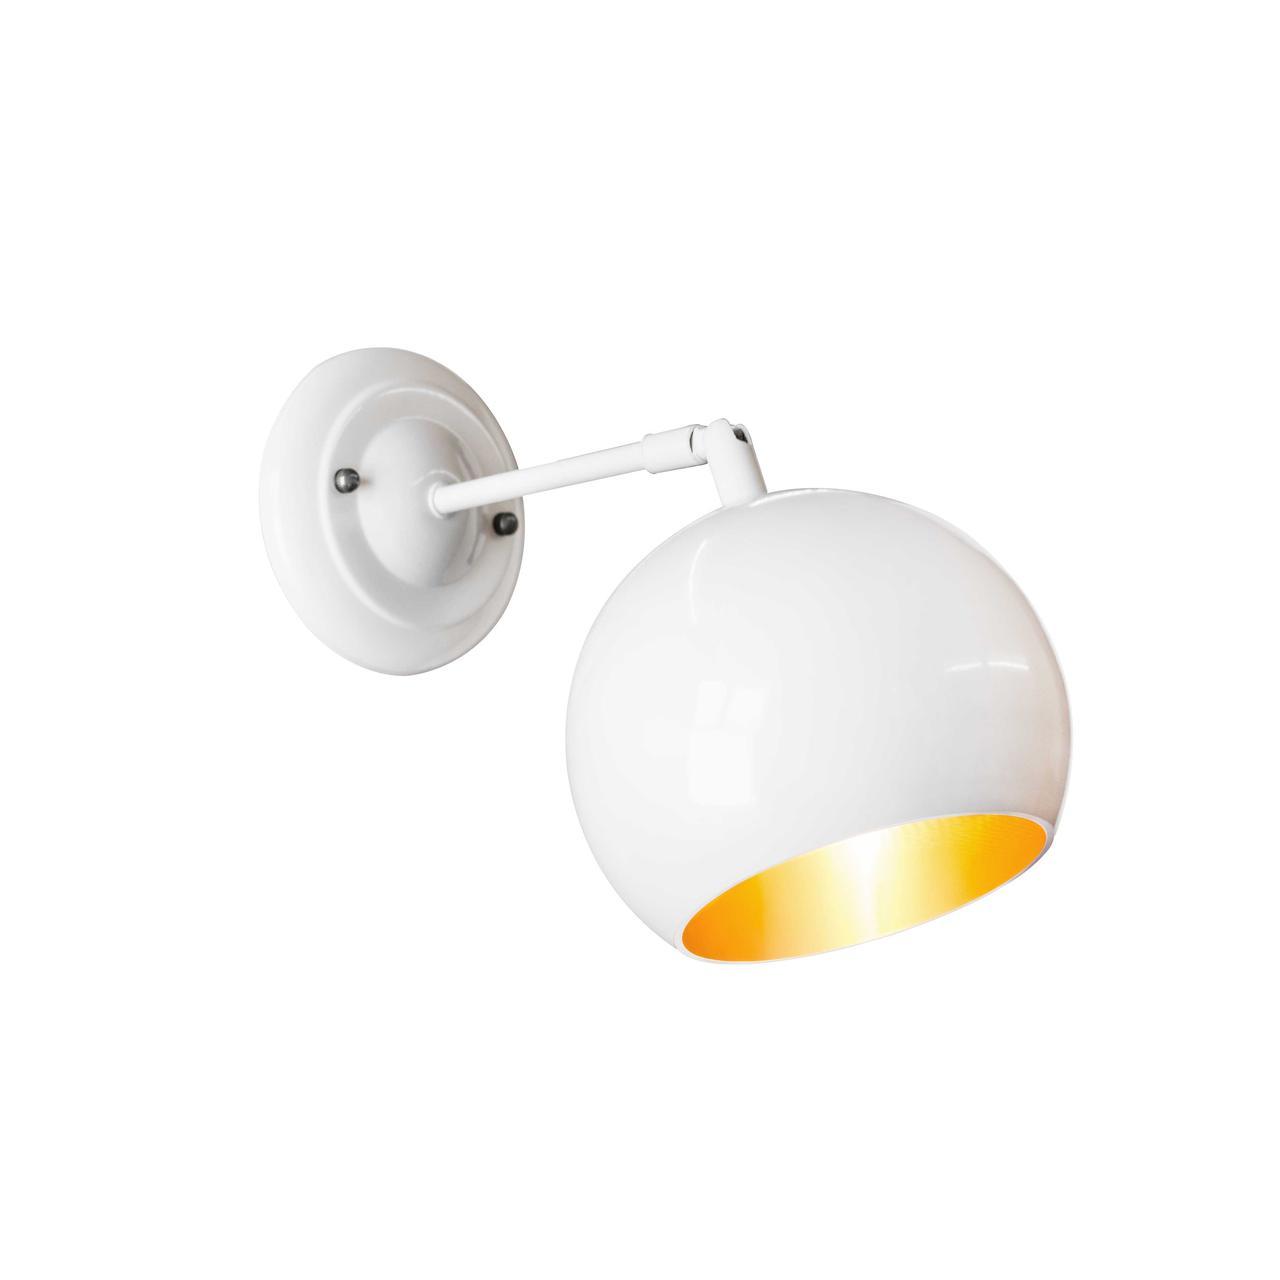 Бра в стилі лофт Msk Electric Куля NL 1512-1WH+GD ширина 150mm світильник настінний кулька